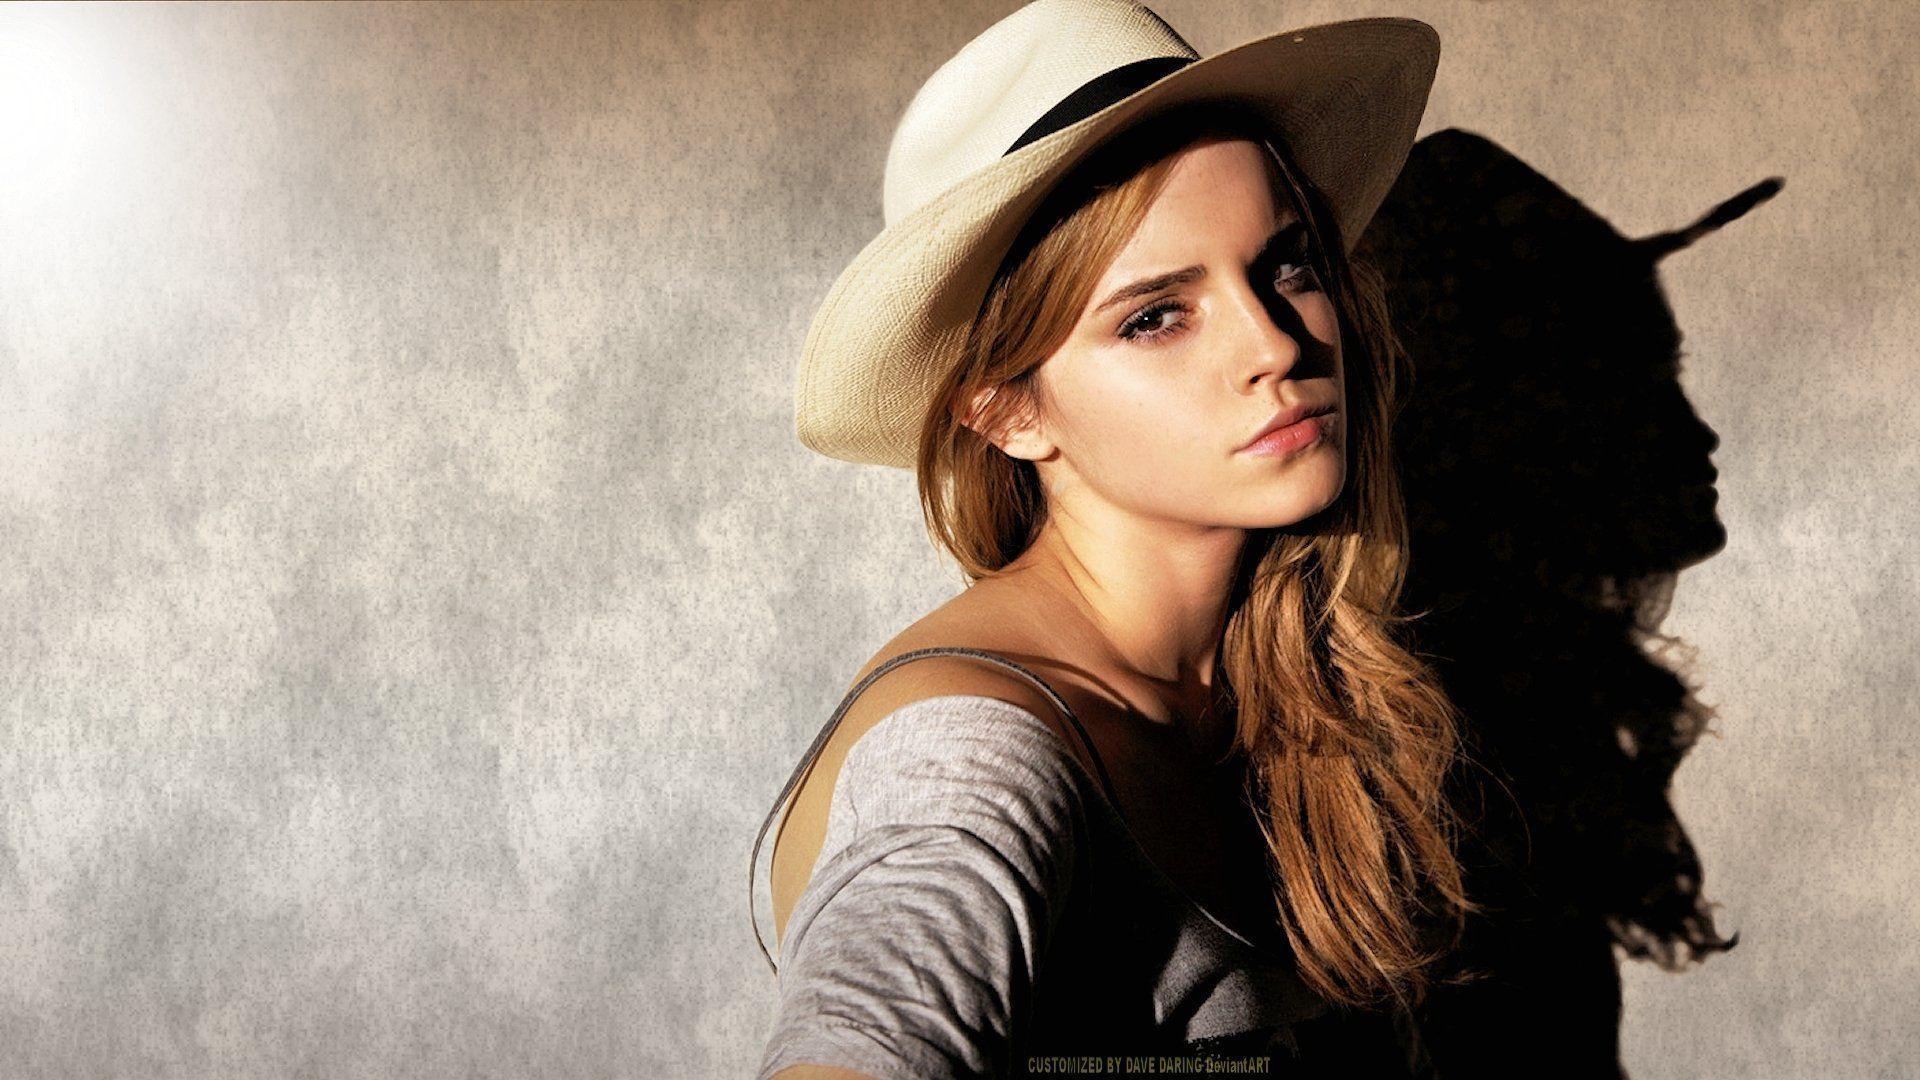 Emma Watson Wallpapers - HD Wallpapers Inn